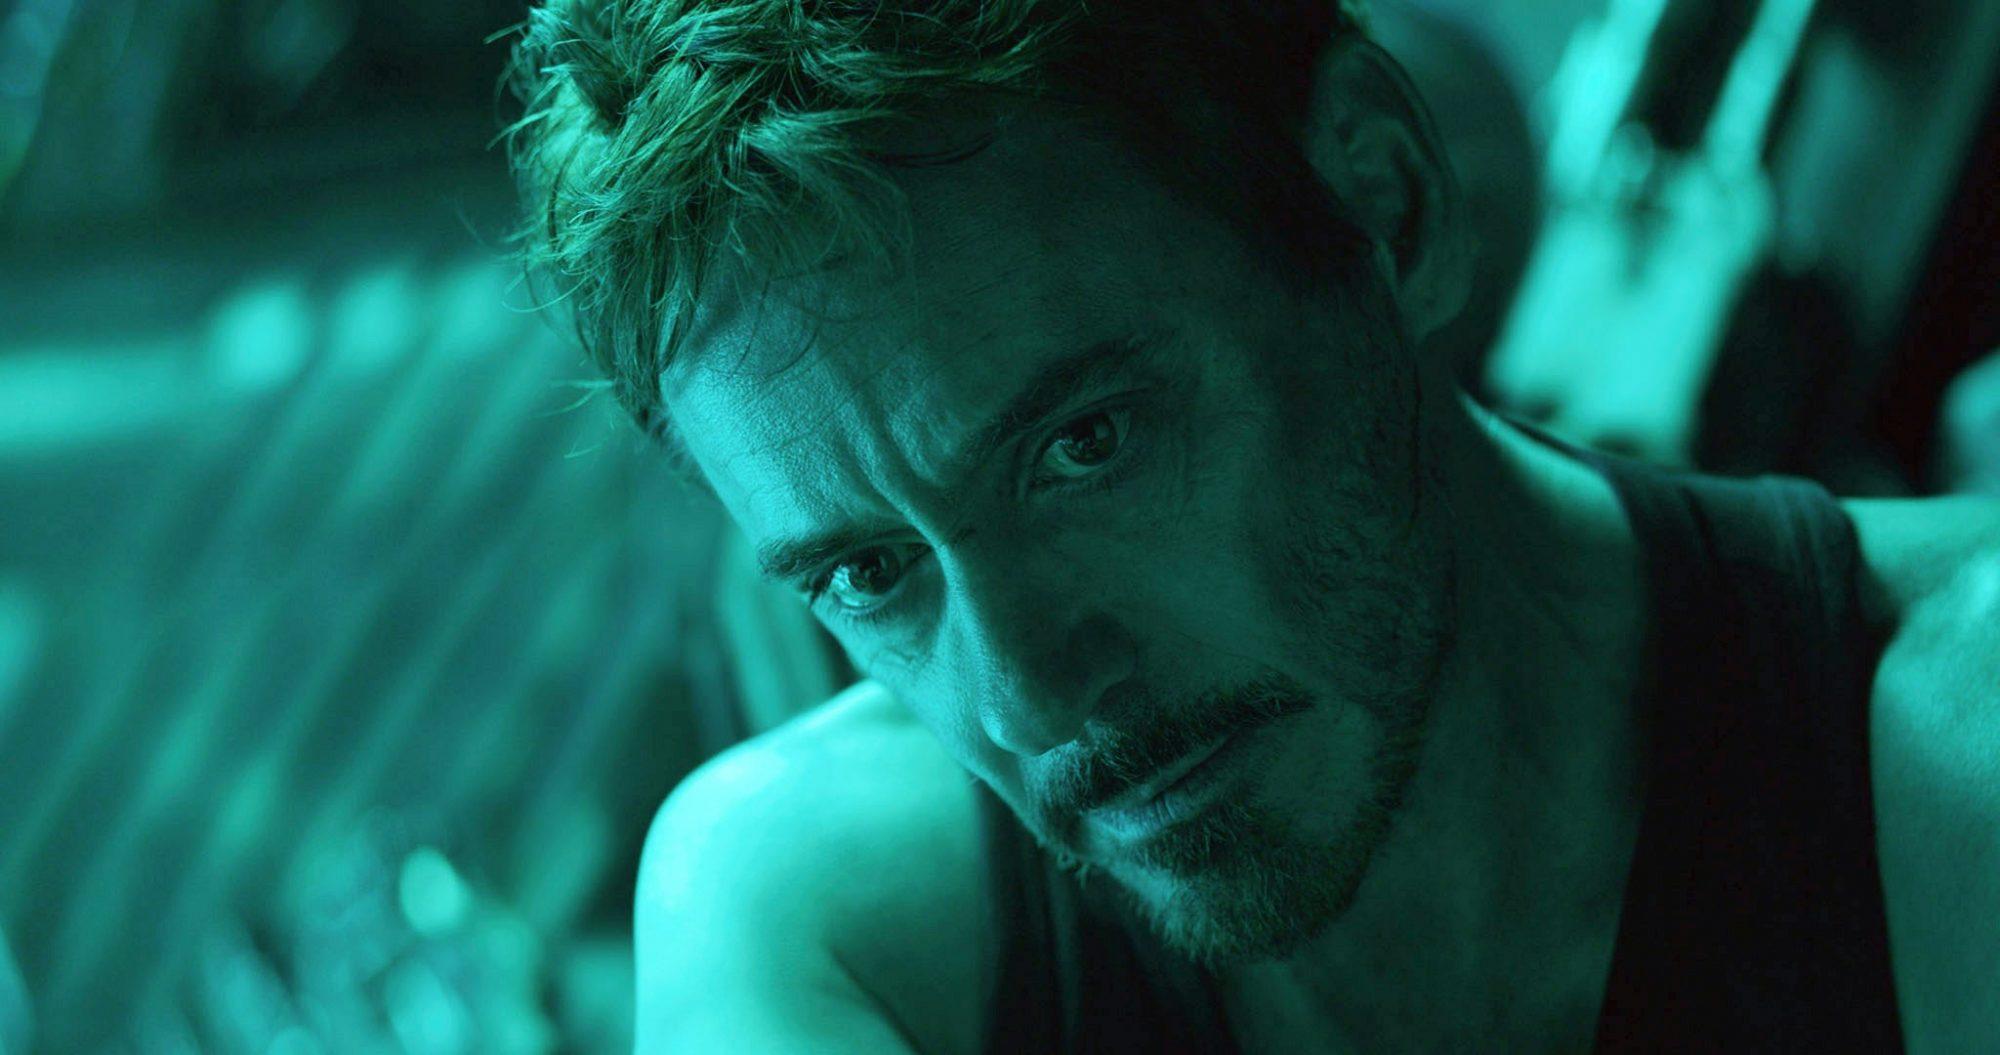 Avengers Endgame Review - Robert Downey Jr as Tony Stark